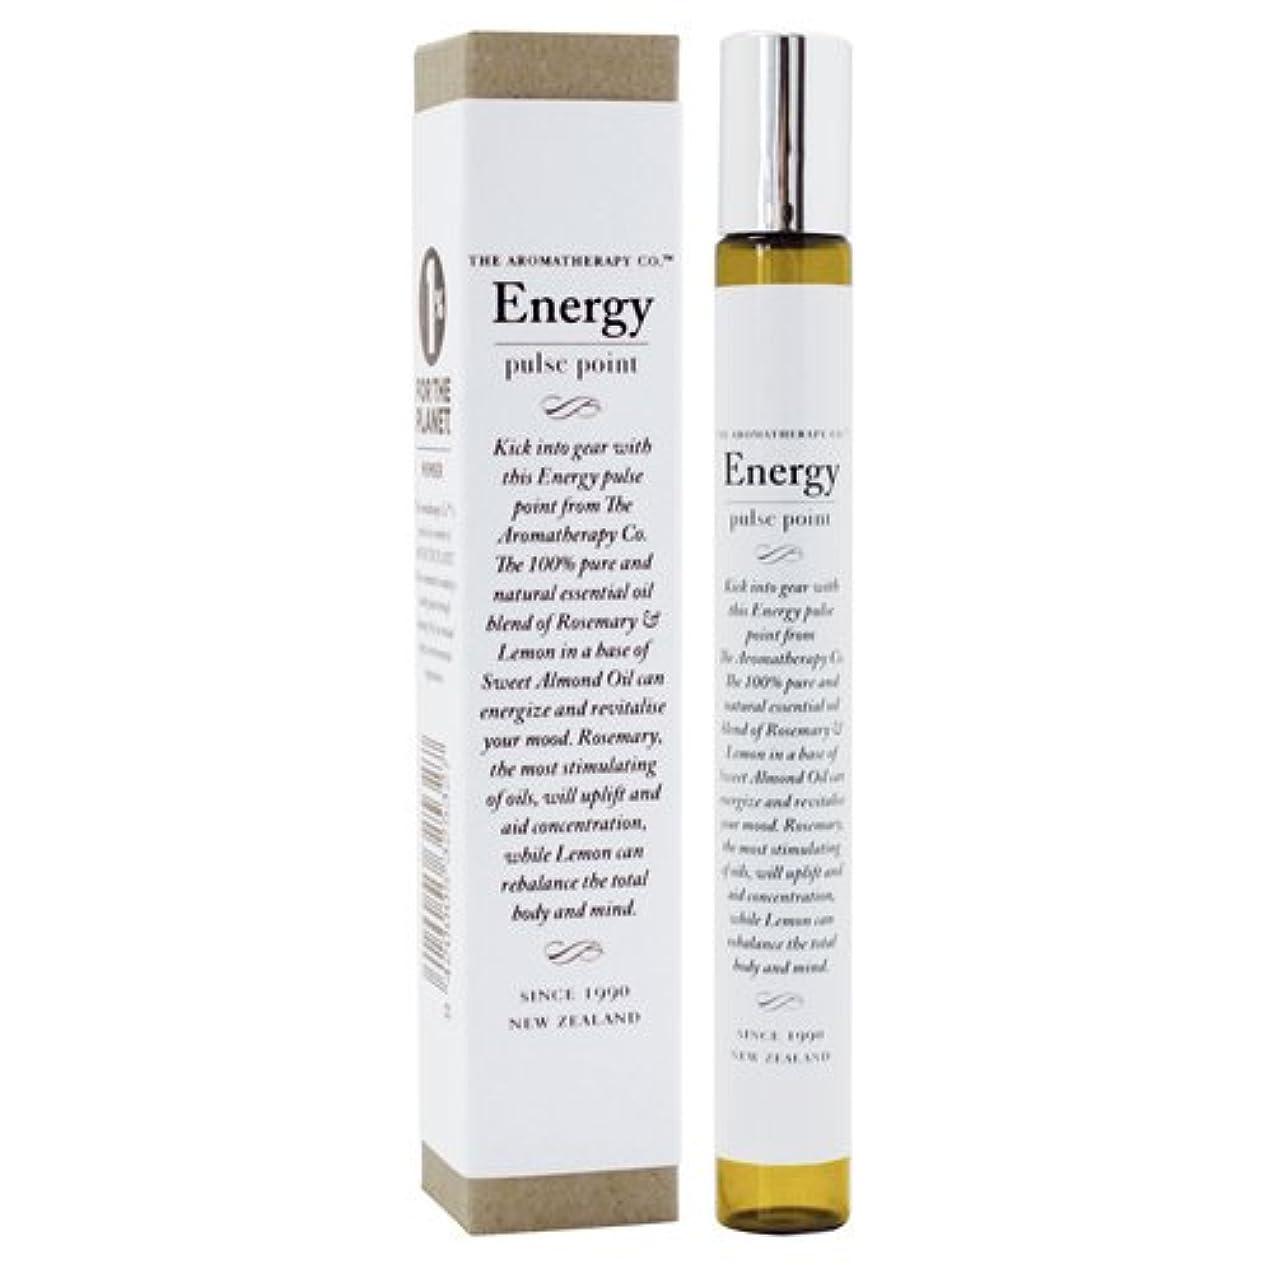 所有者水を飲む承認Therapy Range セラピーレンジ Pulse Pointパルスポイント Energyエナジー